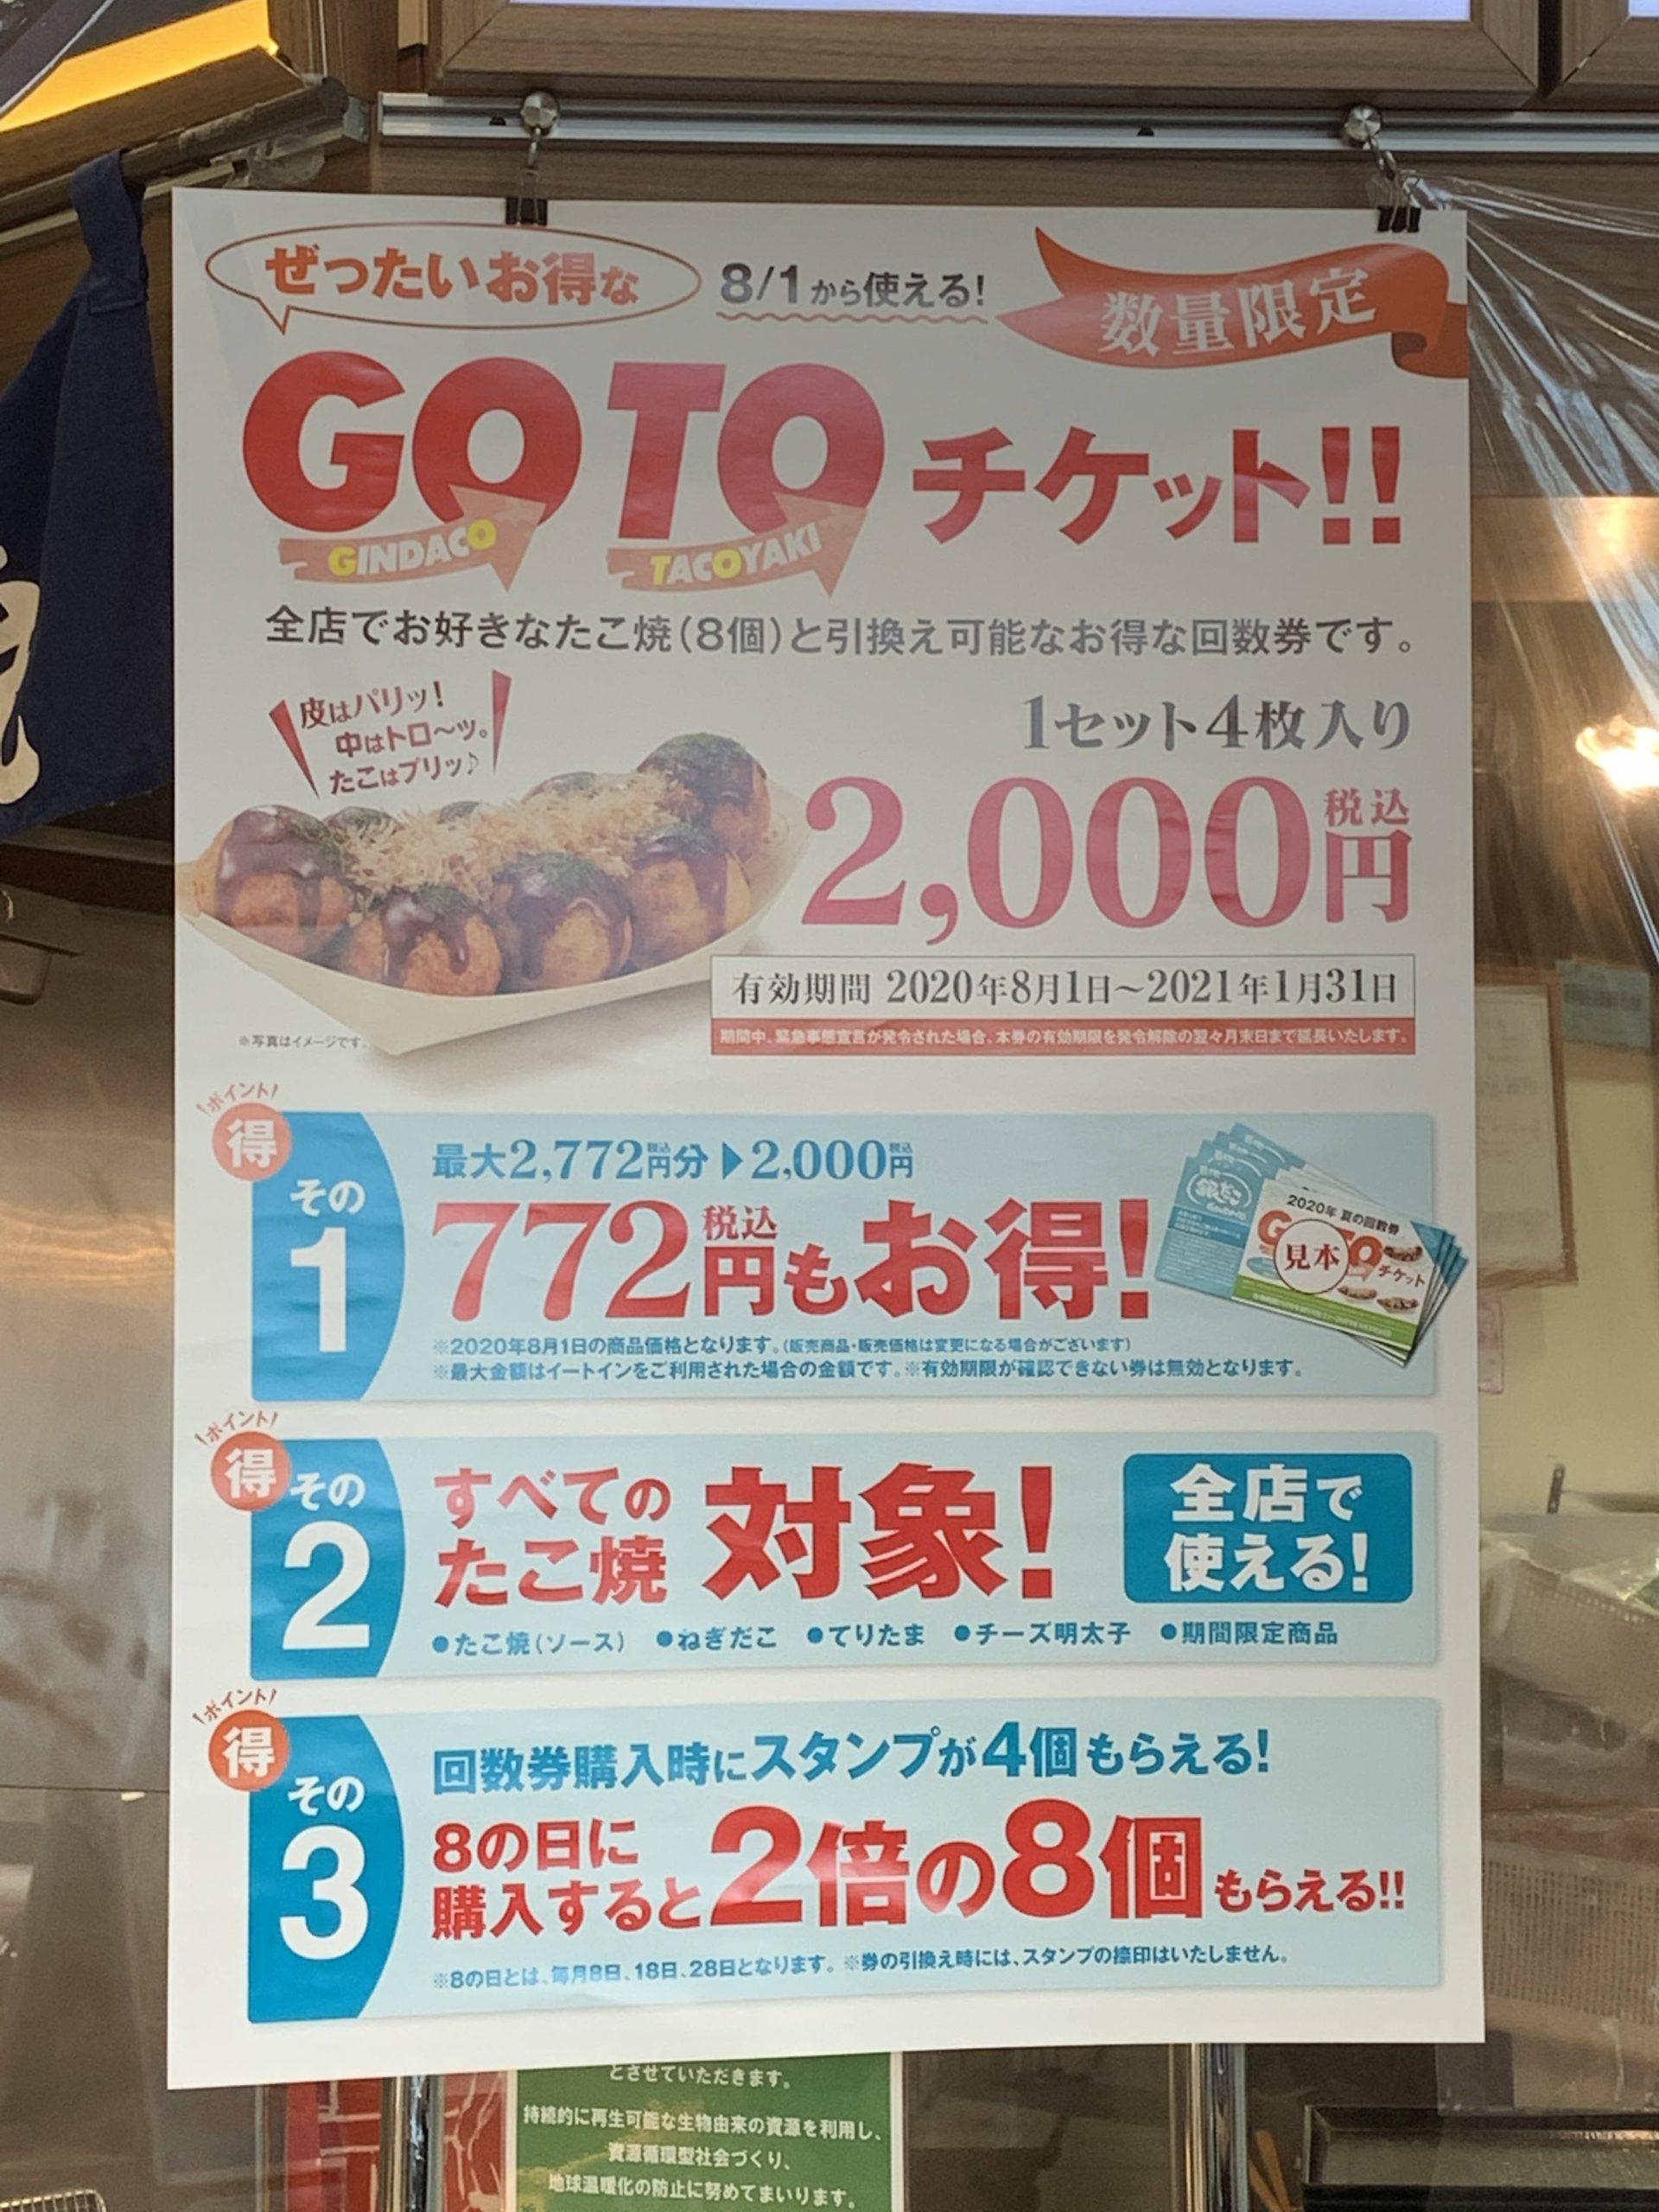 銀だこのGOTOチケットGOTO銀だこ祭りがお得・いくらでいつから販売しているの?